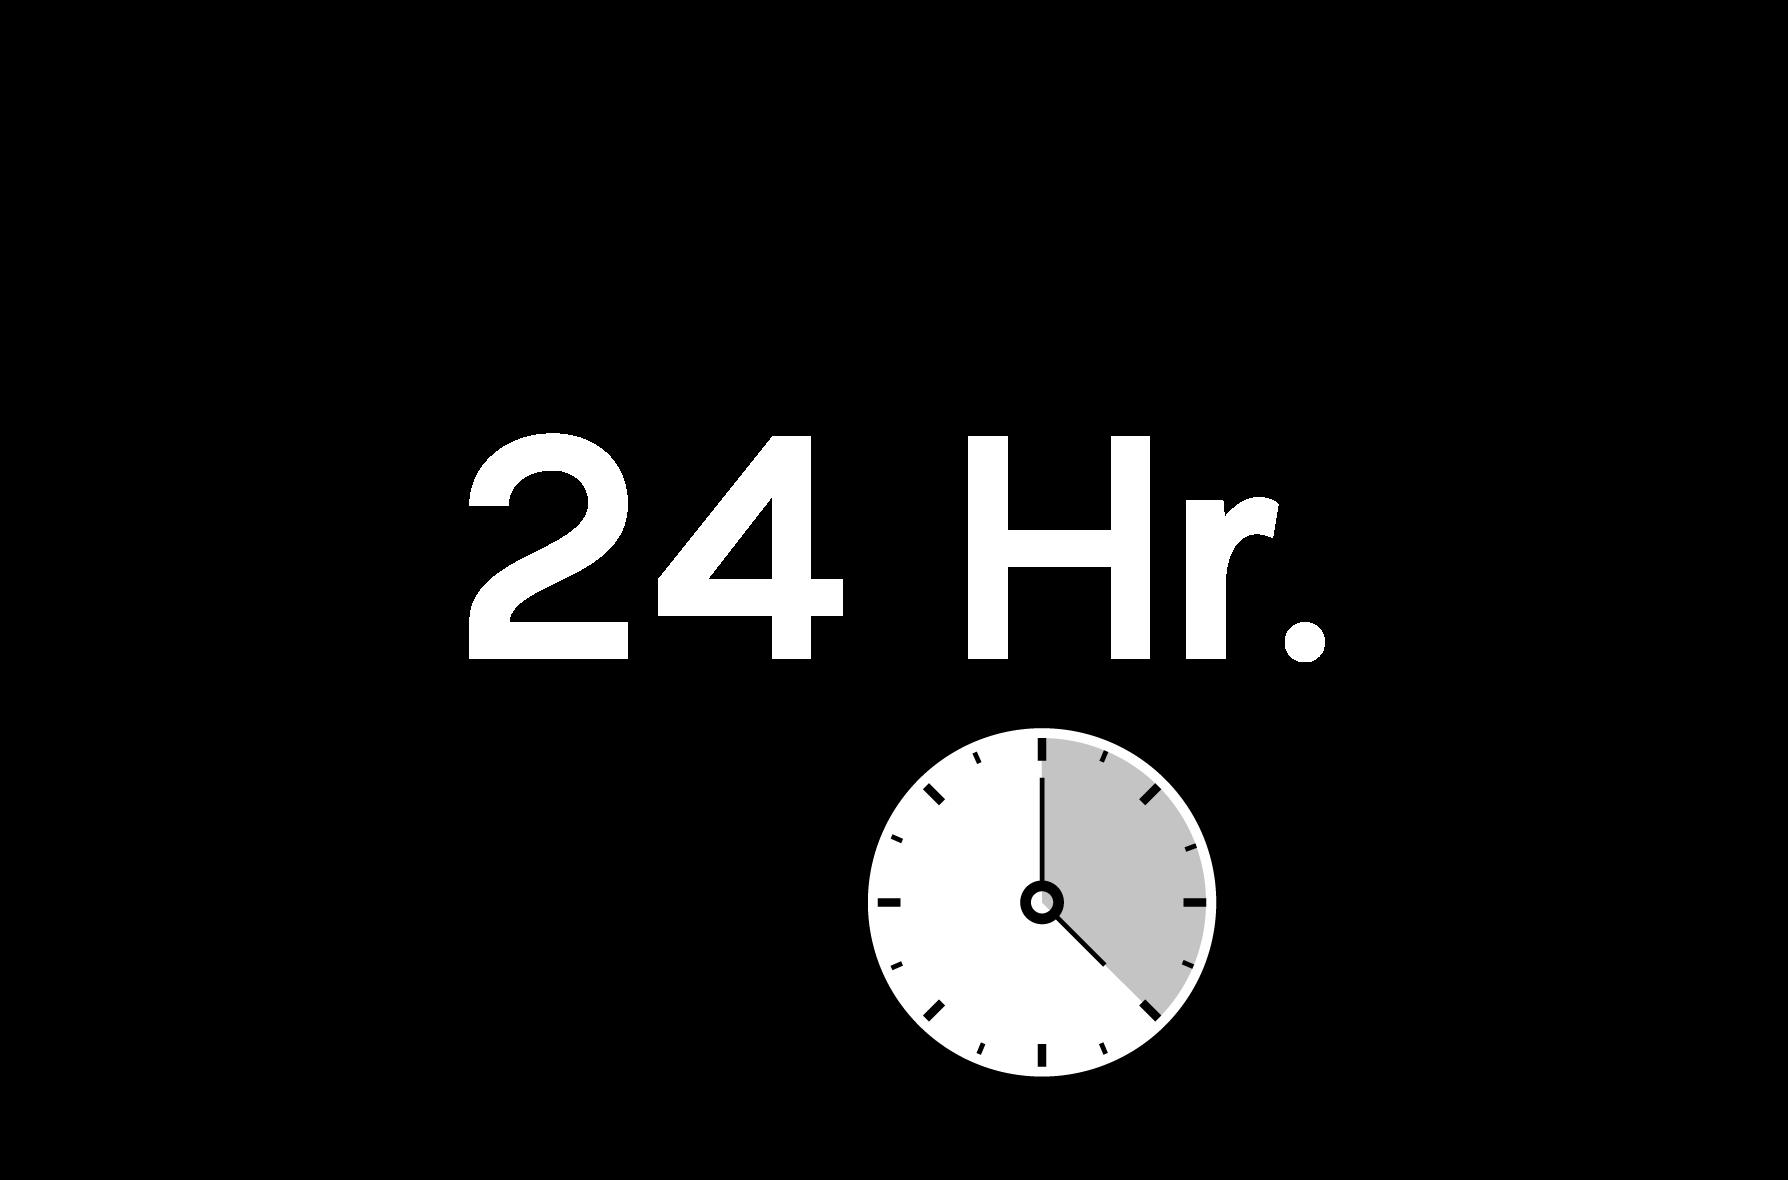 presentaciones atractivas en 24 horas